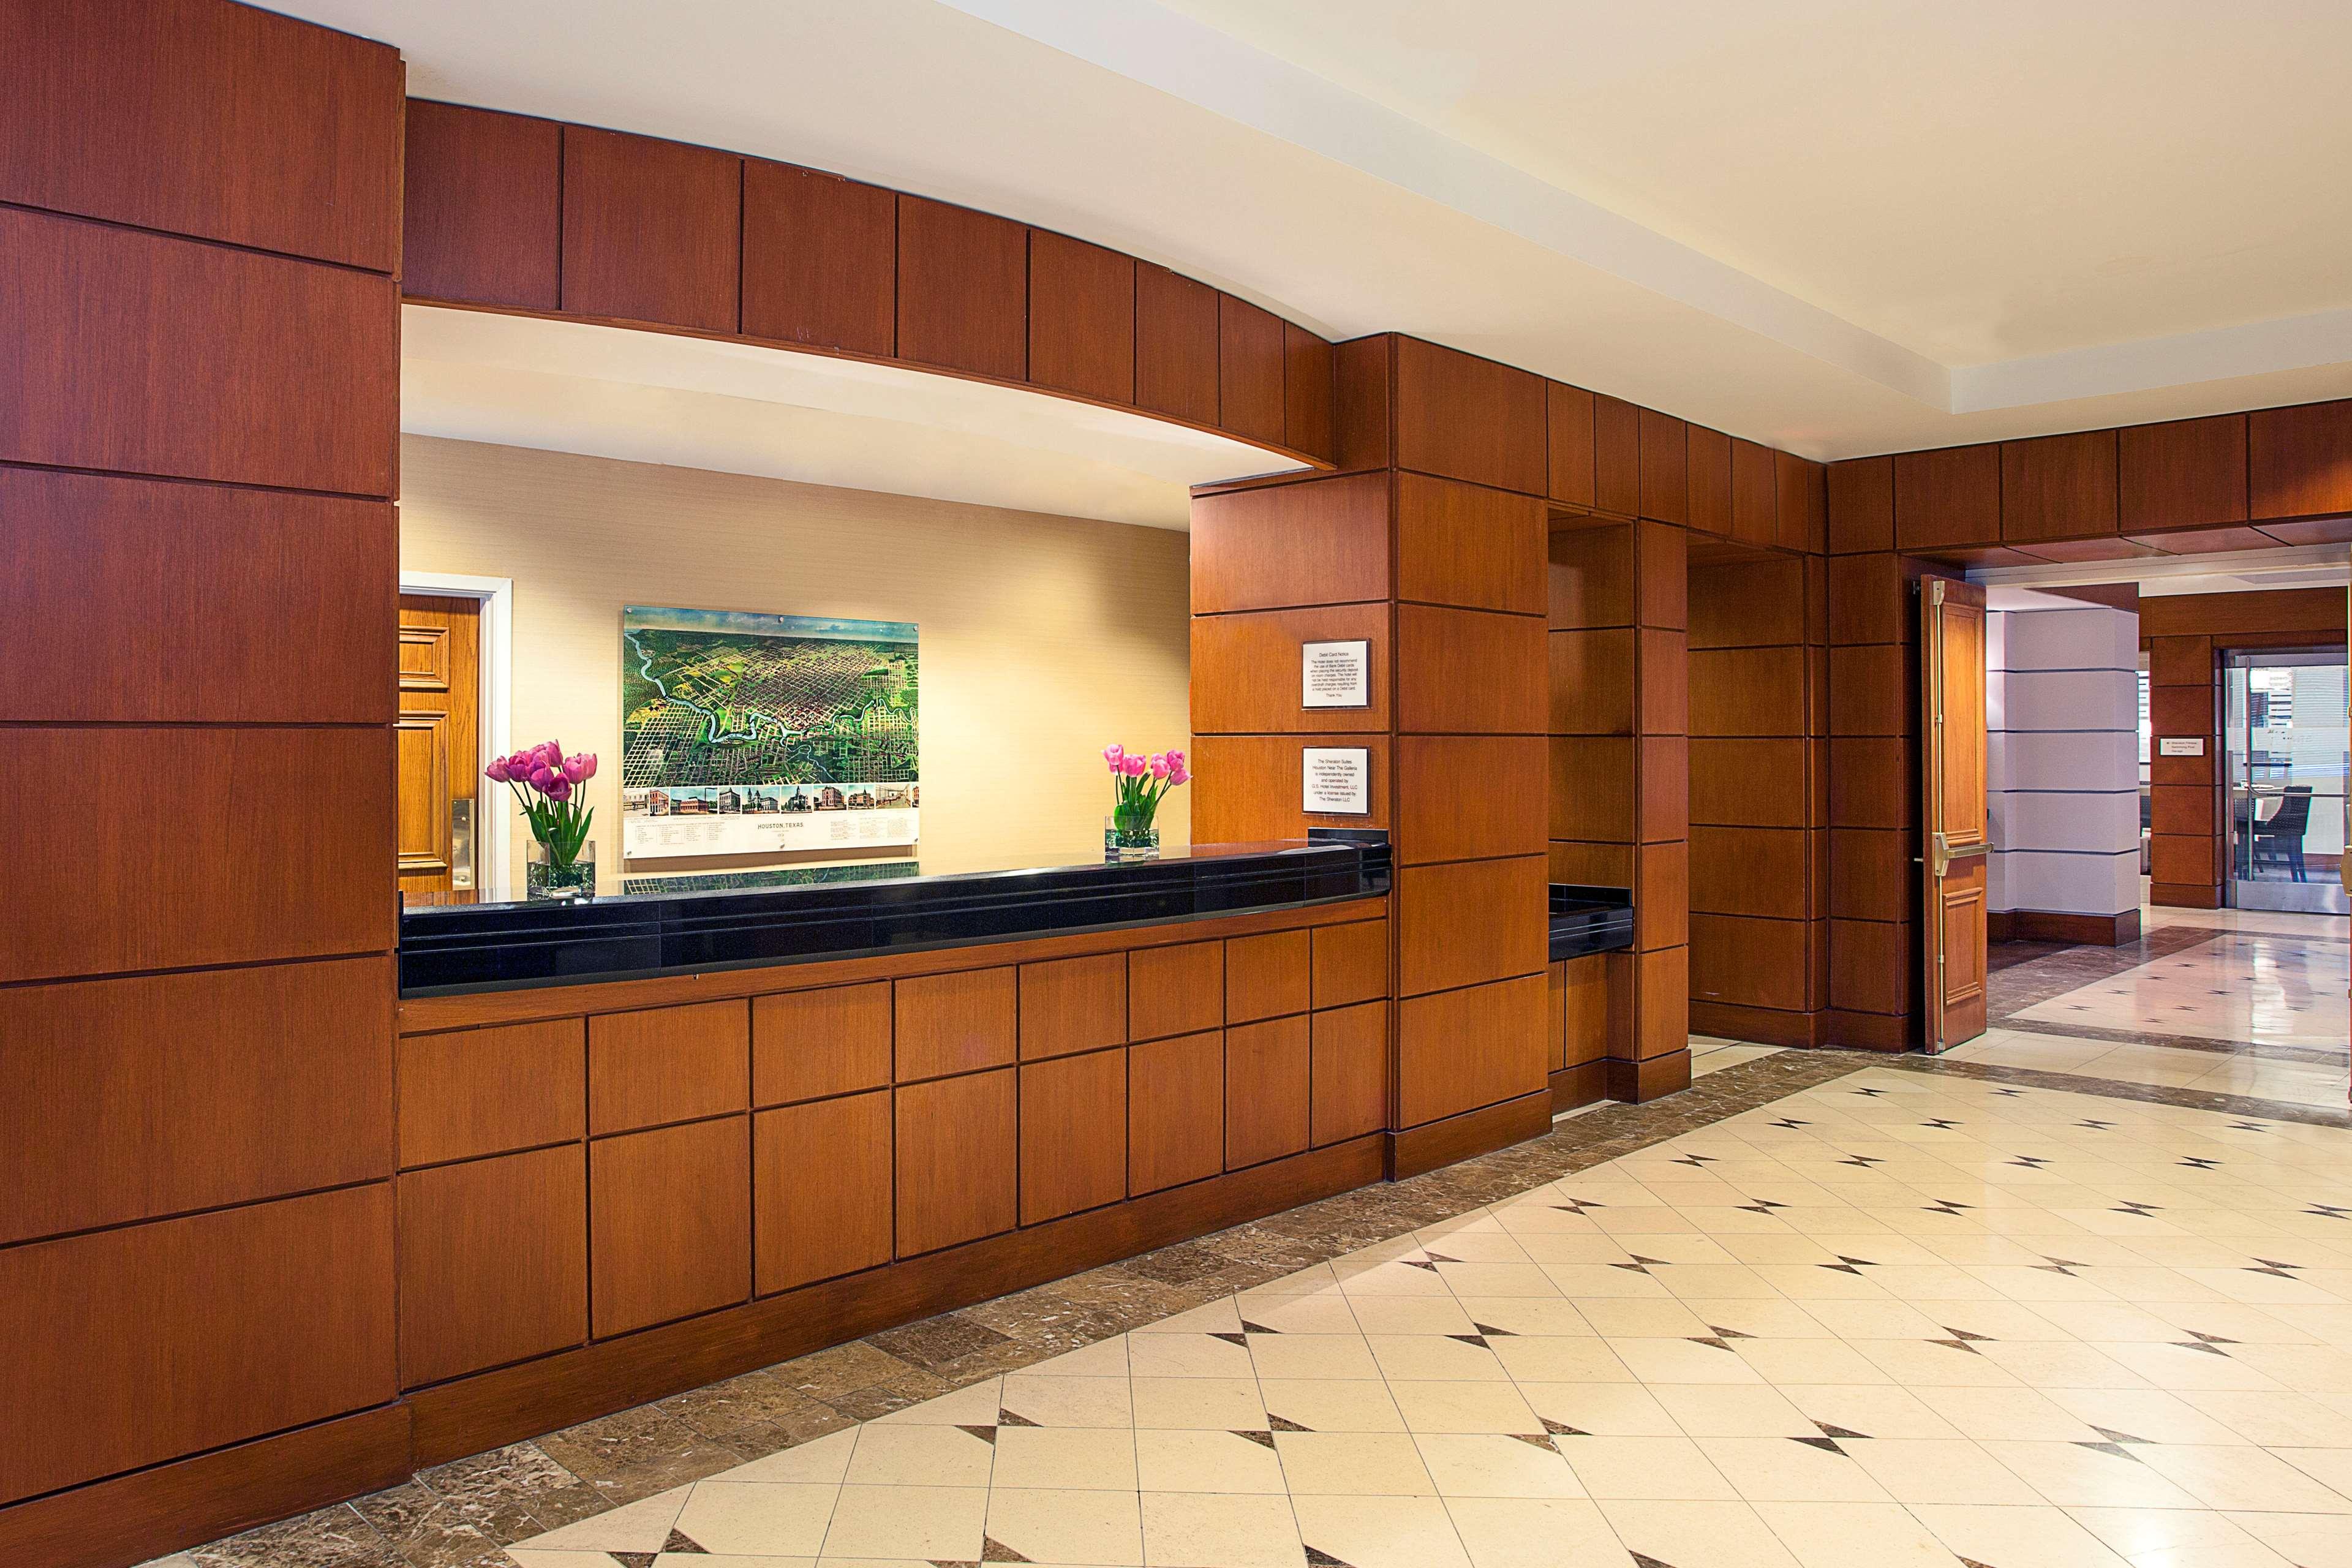 Sheraton Suites Houston Near The Galleria image 29